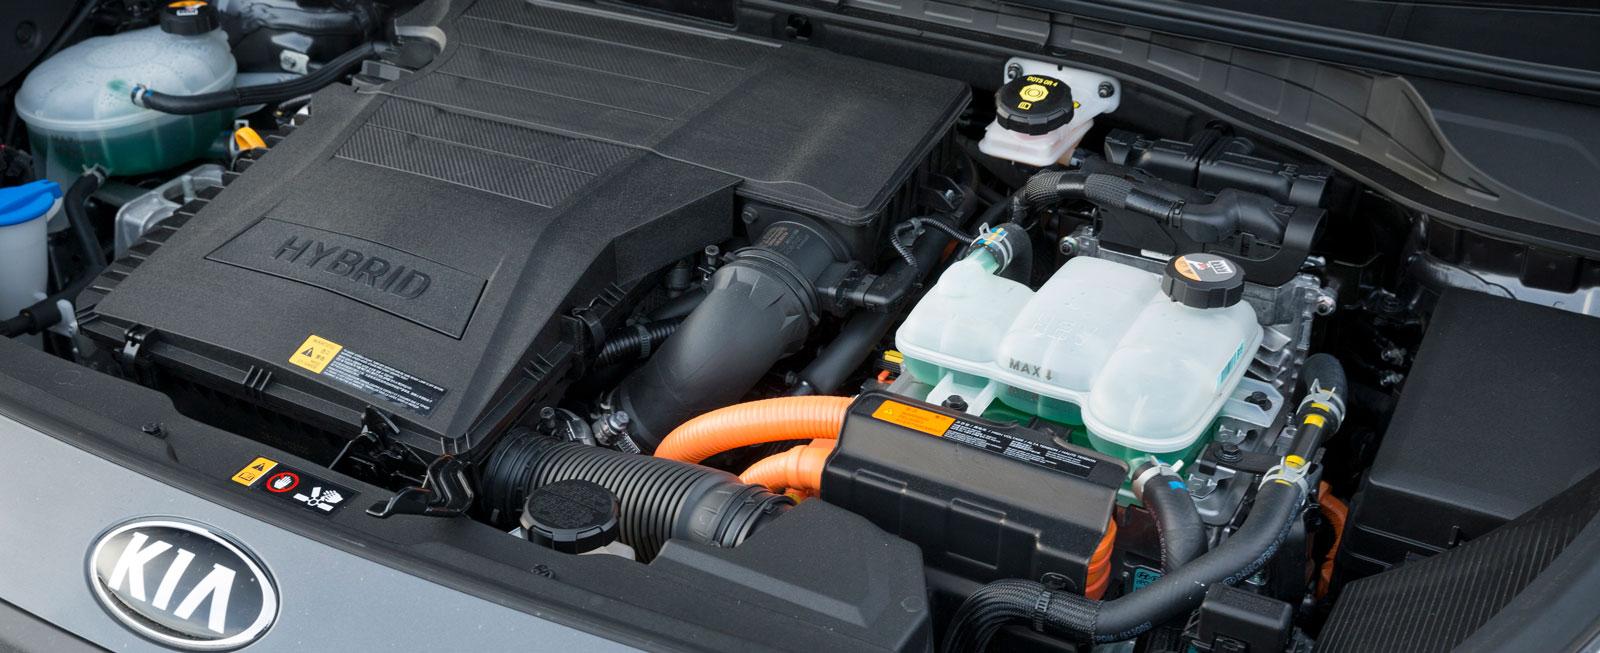 Elmotorn är placerad bredvid bensinmotorn och griper in närmast omärkligt. På fullgas väsnas motoriseringen dock.